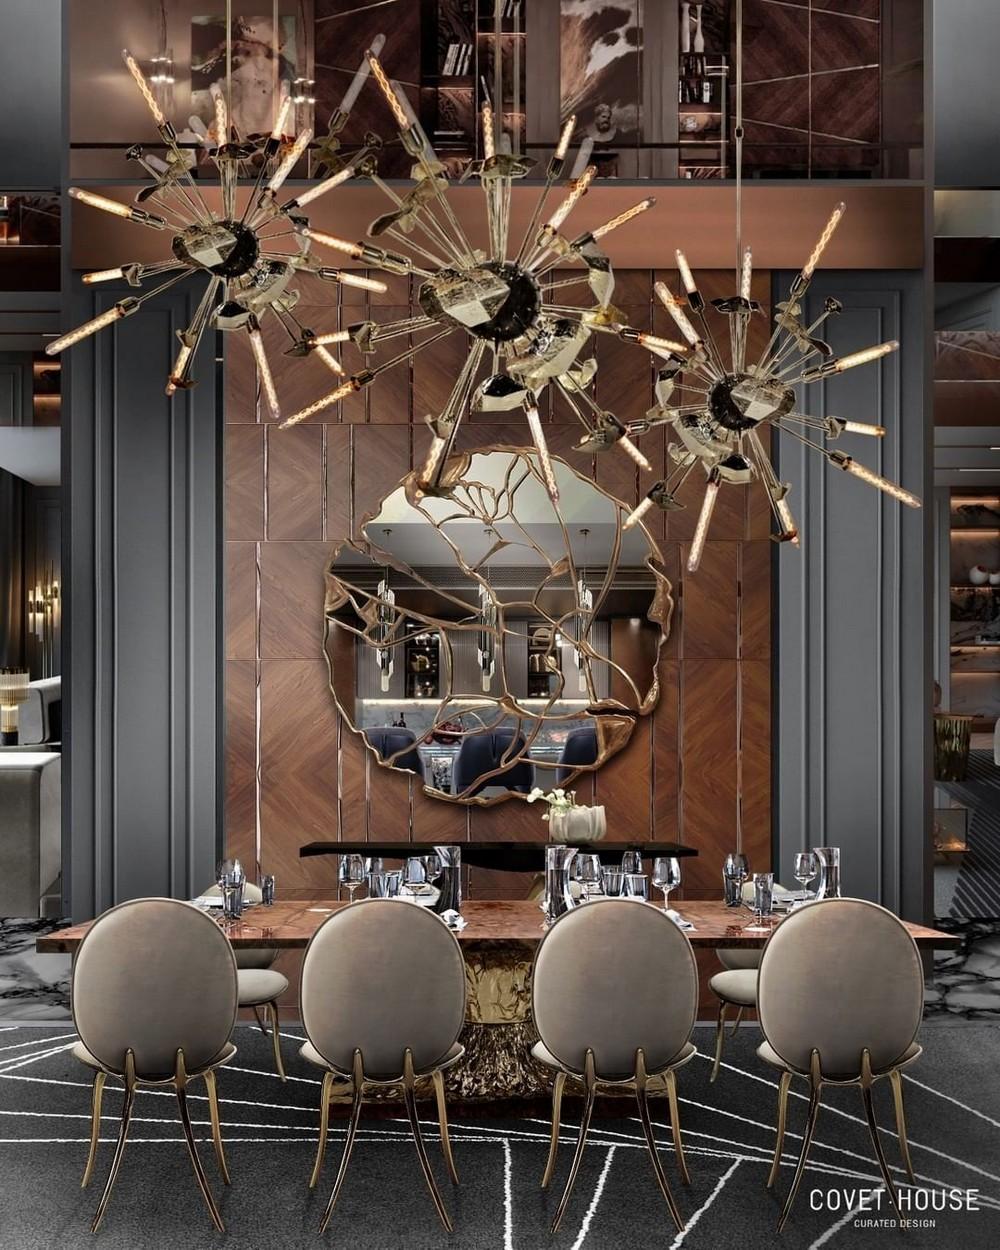 Comedores lujuosos: Inspiraciónes perfectas para un Diseño de interior moderno comedores lujuosos Comedores lujuosos: Inspiraciónes perfectas para un Diseño de interior moderno 9